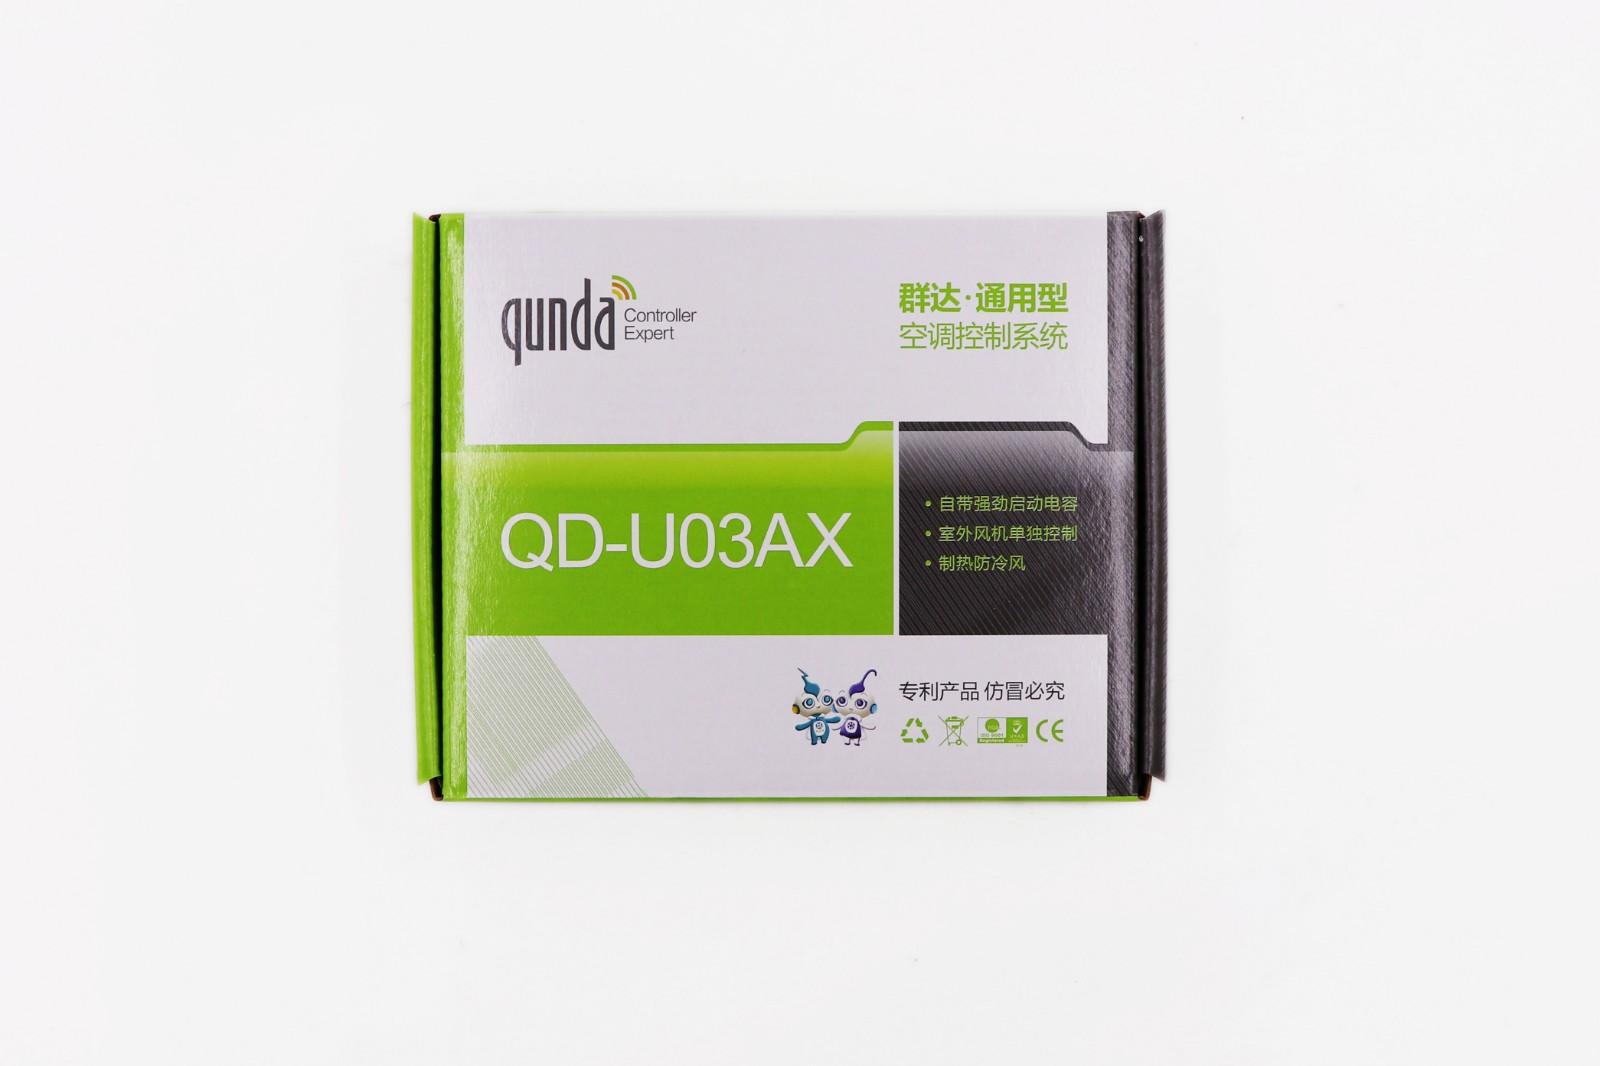 苏州群达挂机空调通用板   冷暖型抽头电机型QD-U03AX